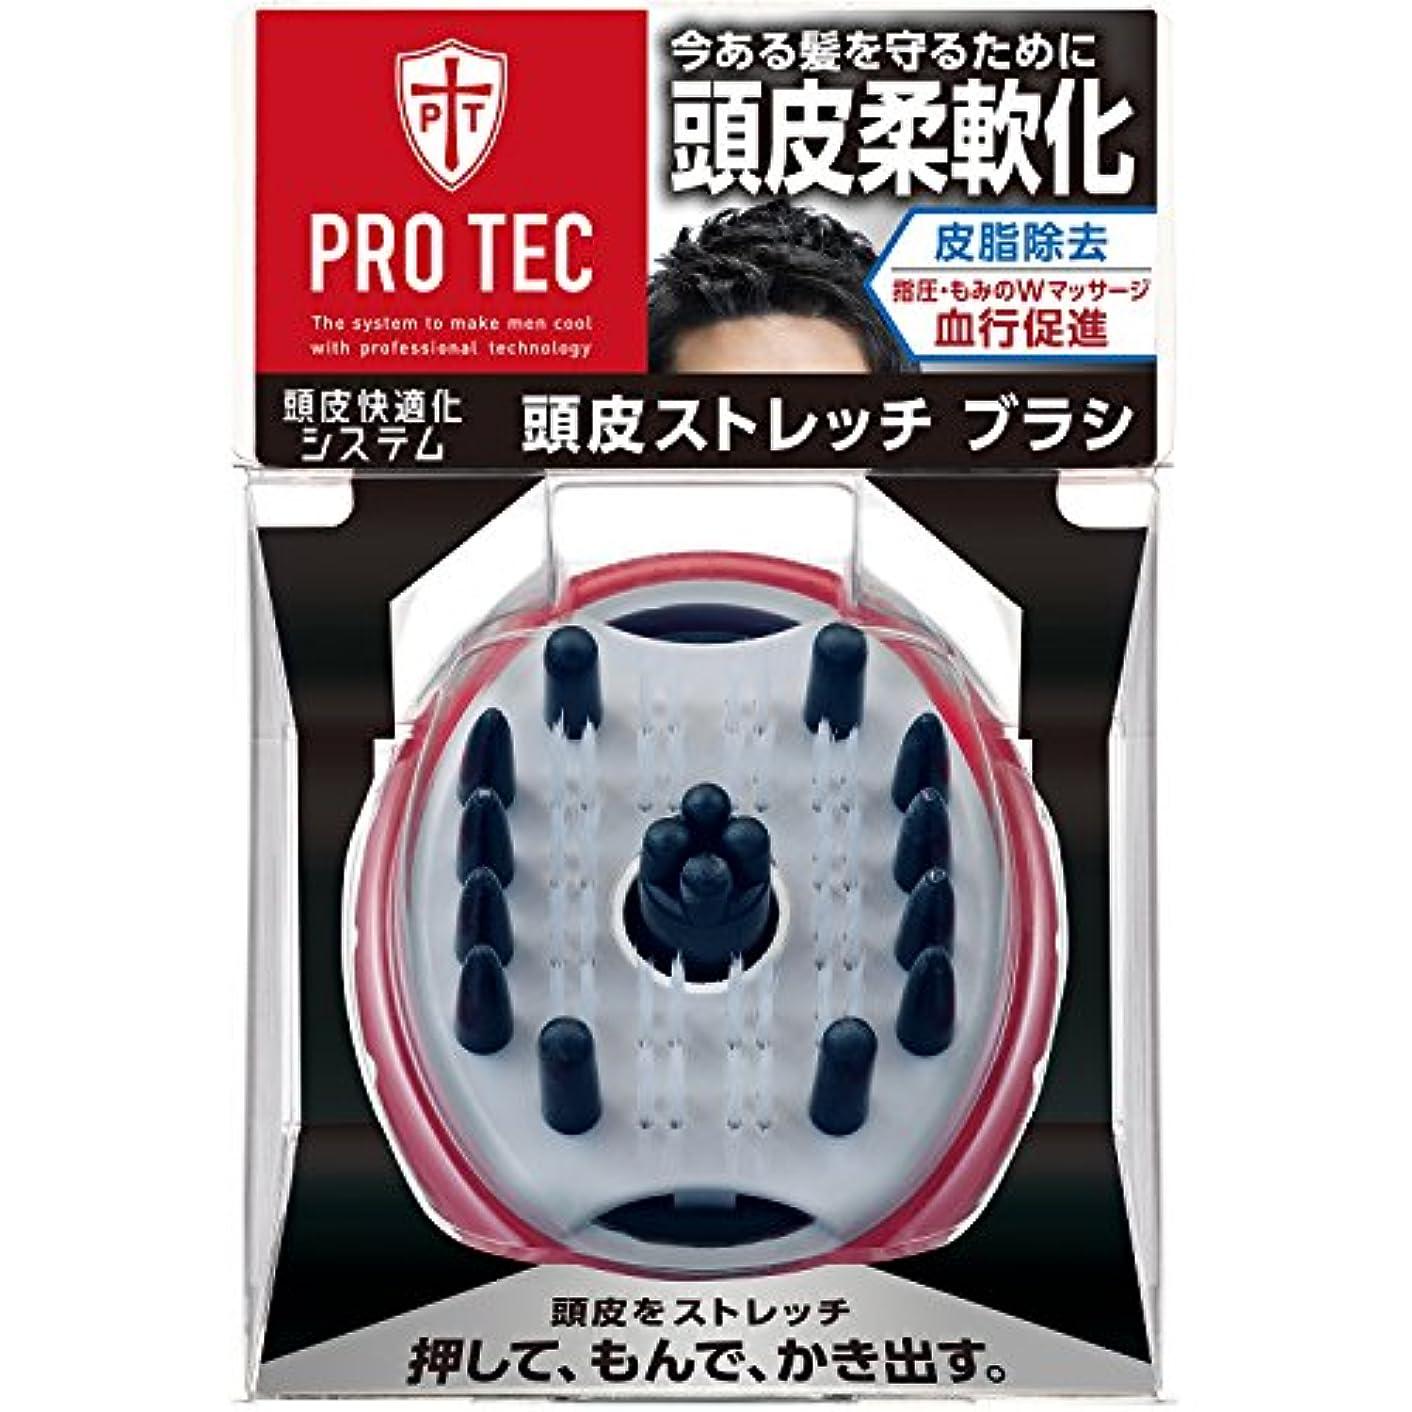 合金タブレットミリメーターPRO TEC(プロテク) ウォッシングブラシ 頭皮ストレッチタイプ